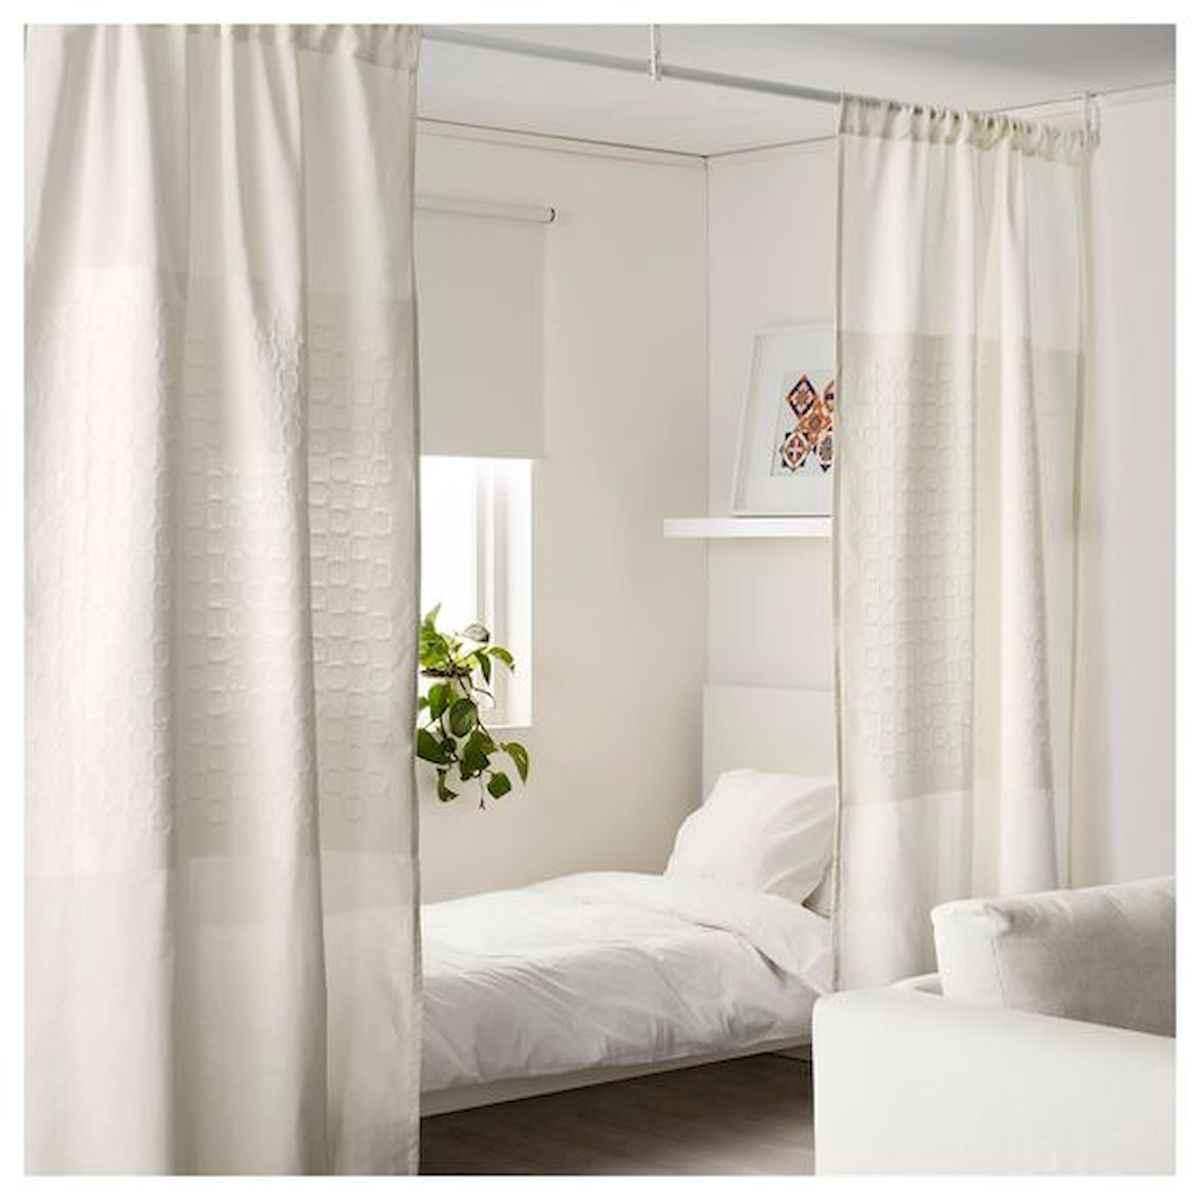 40 Favorite Studio Apartment Room Dividers Curtains Design Ideas and Decor (6)